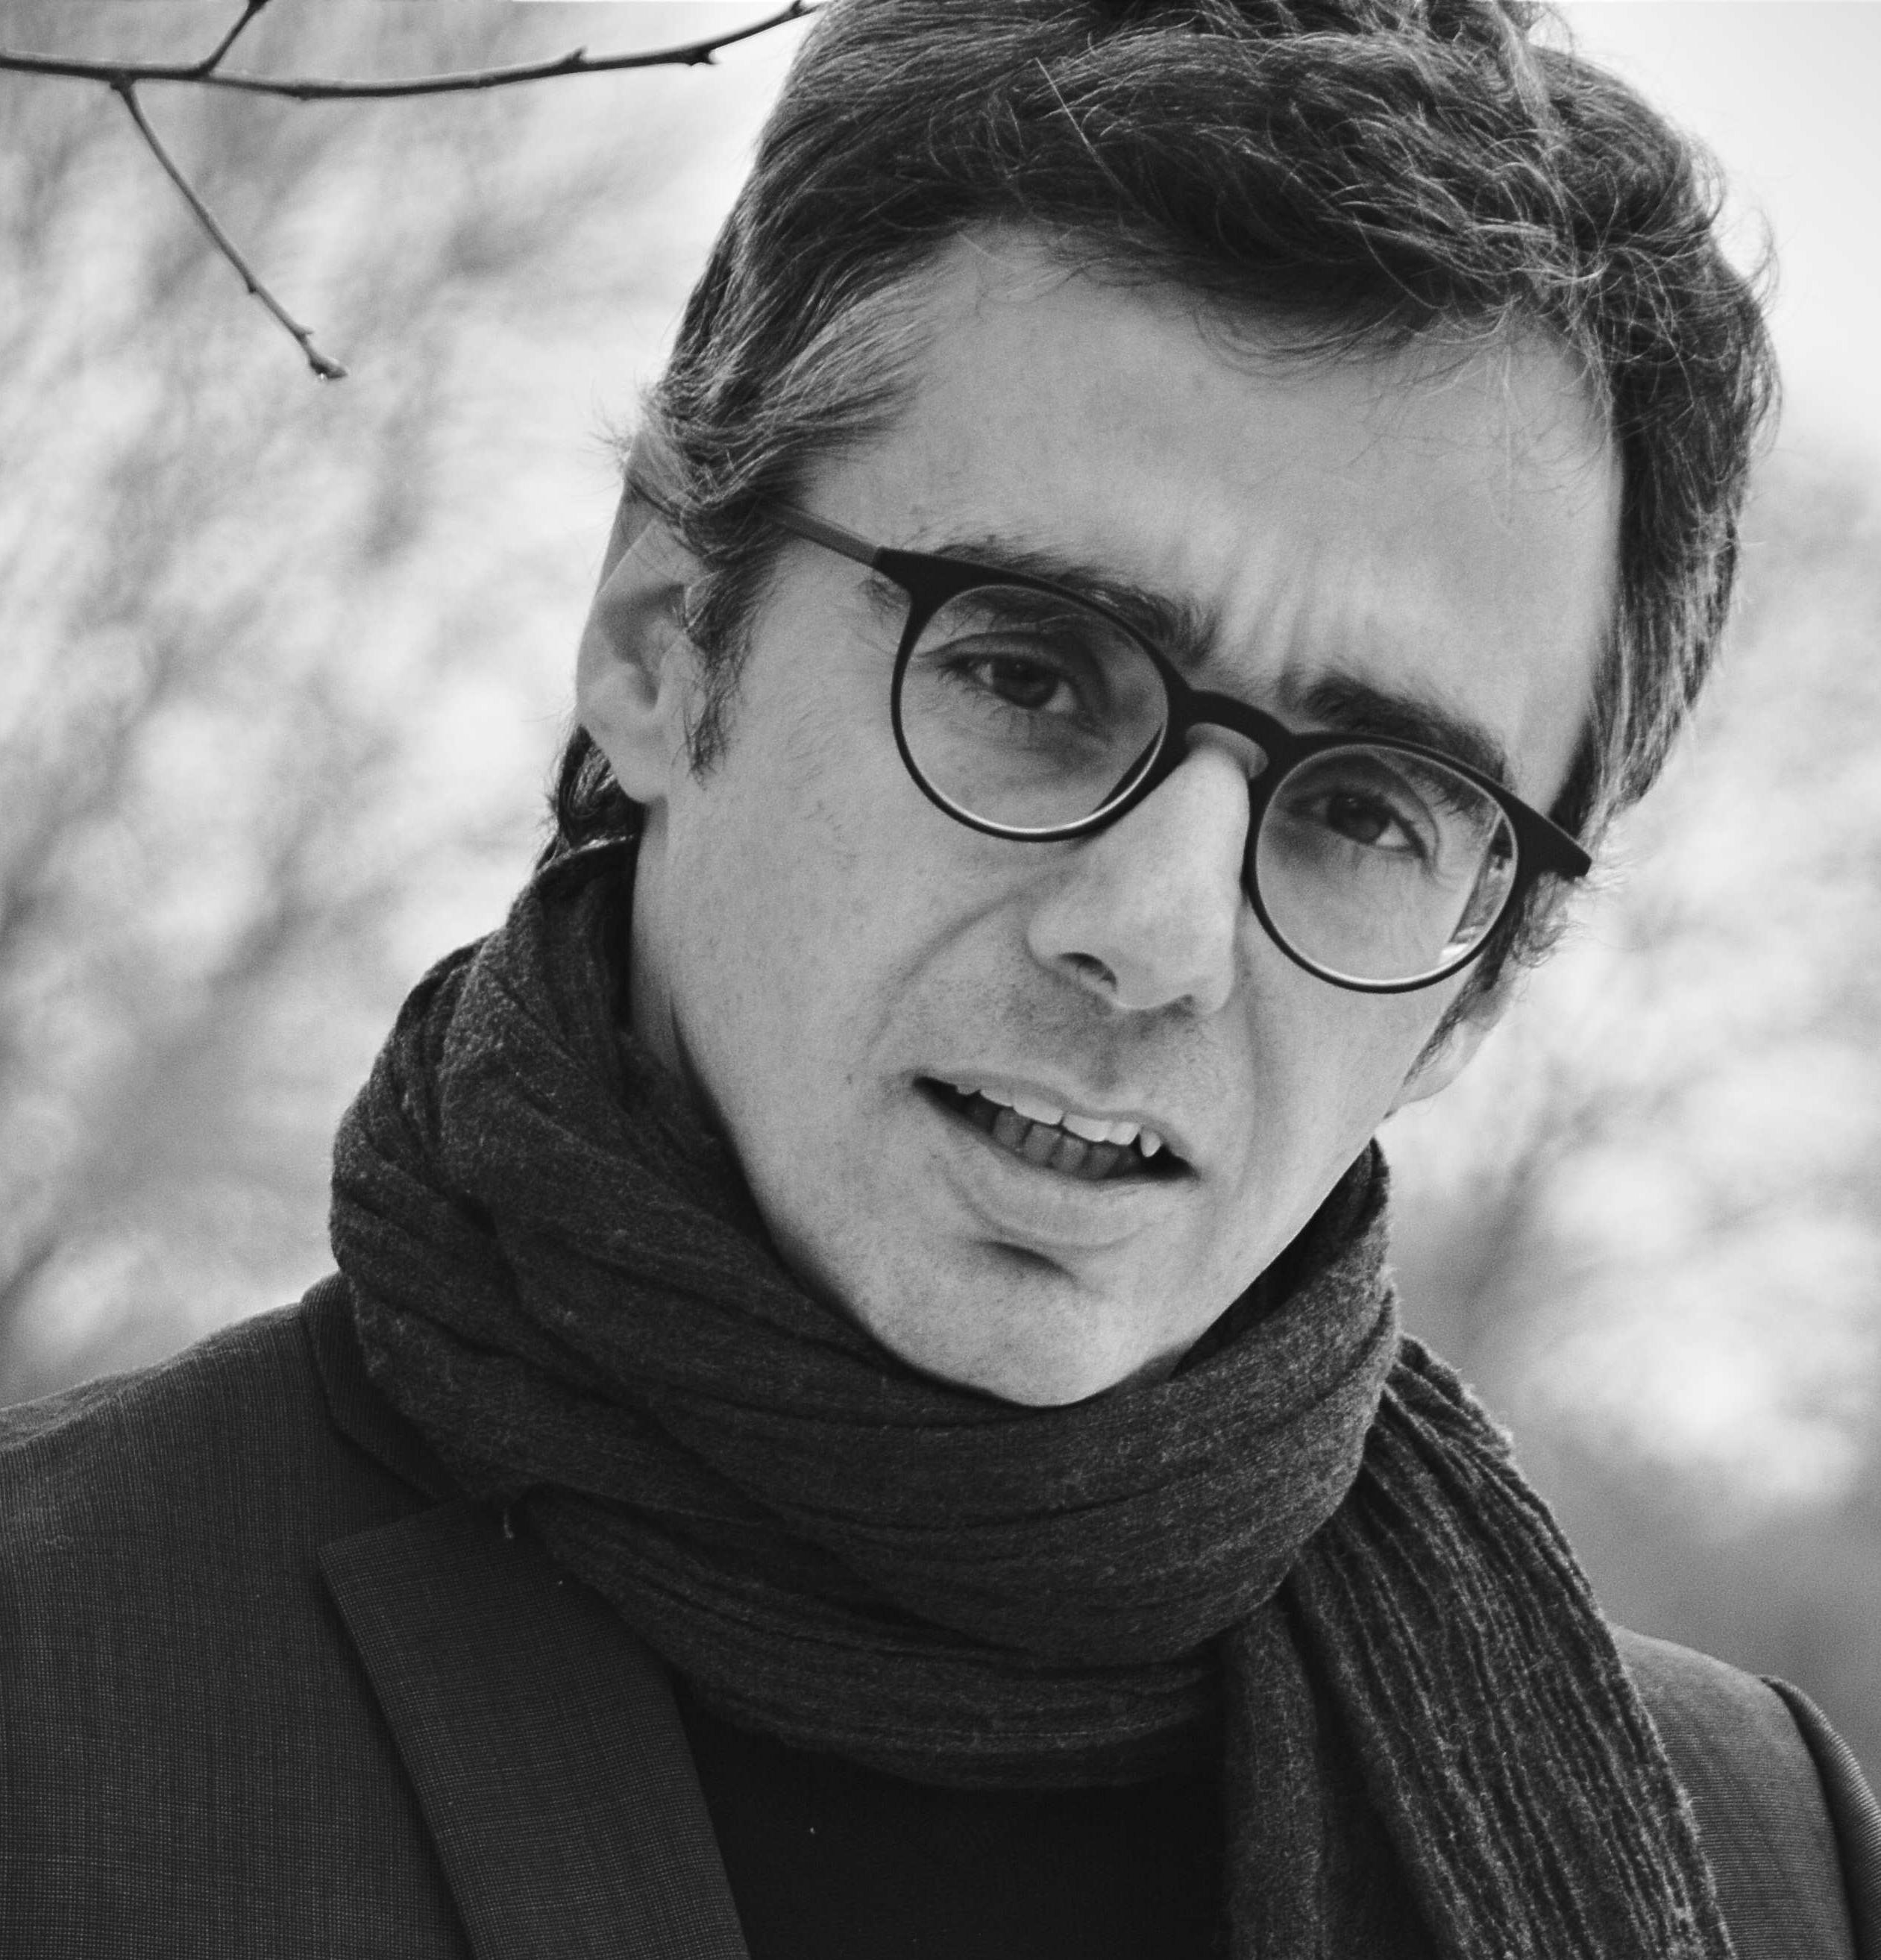 Davide Zaccagnini